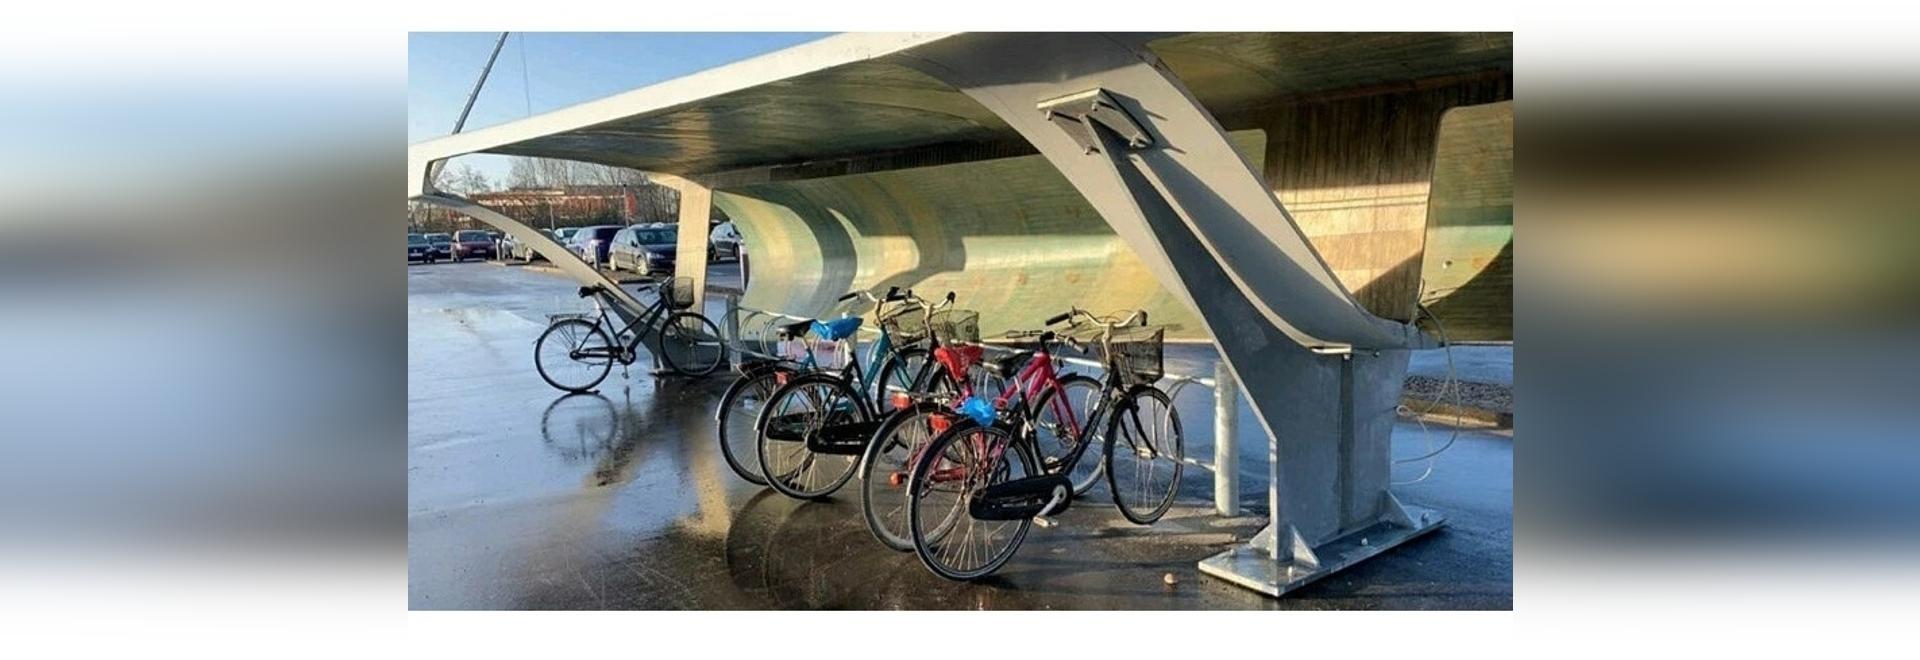 una pala de turbina eólica ha sido reutilizada como aparcamiento para bicicletas en aalborg, dinamarca imagen cortesía de chris yelland